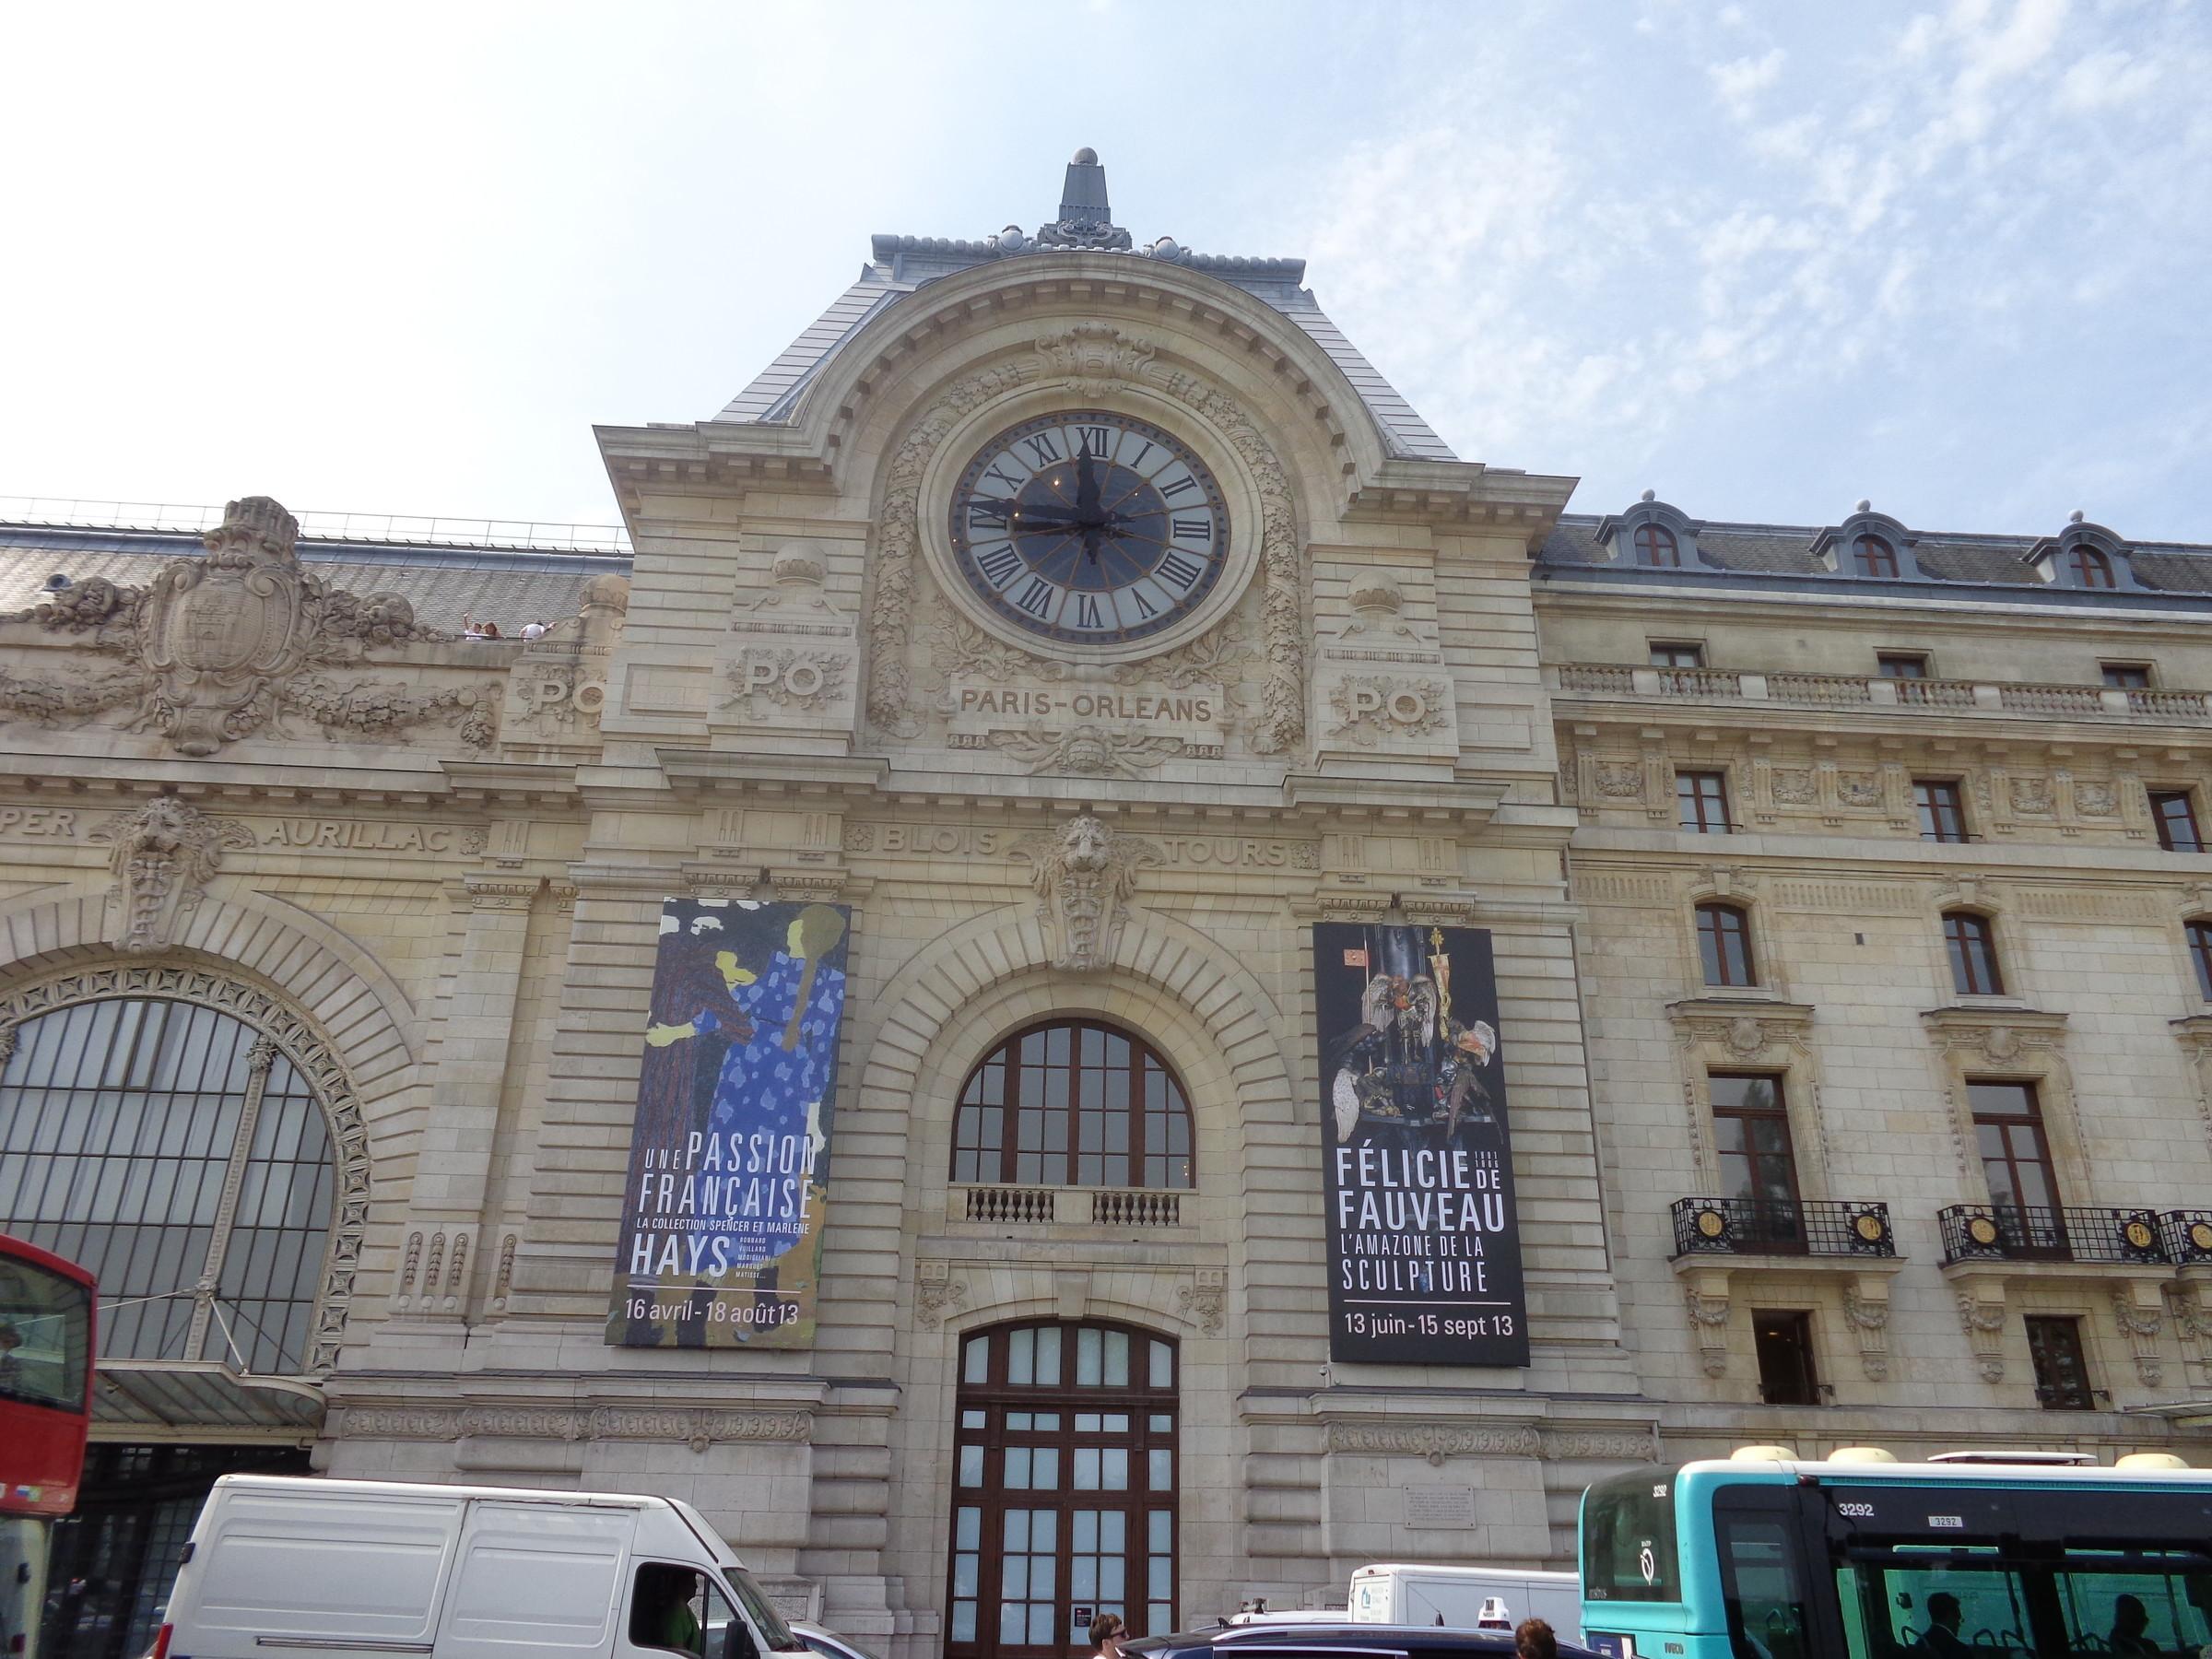 Музей д Орсэ, размещенный в бывшем здании ж.д. вокзала по решению президента Жоржа Помпиду, объявившим здание бывшего вокзала, к 1973 году сильно обведшавшее и находящееся под угрозой сноса, национальным достоянием! в 1978 году началась реконструкция, после ремонтных и реставрационных работ, музей распахнул свои двери для гостей., Париж